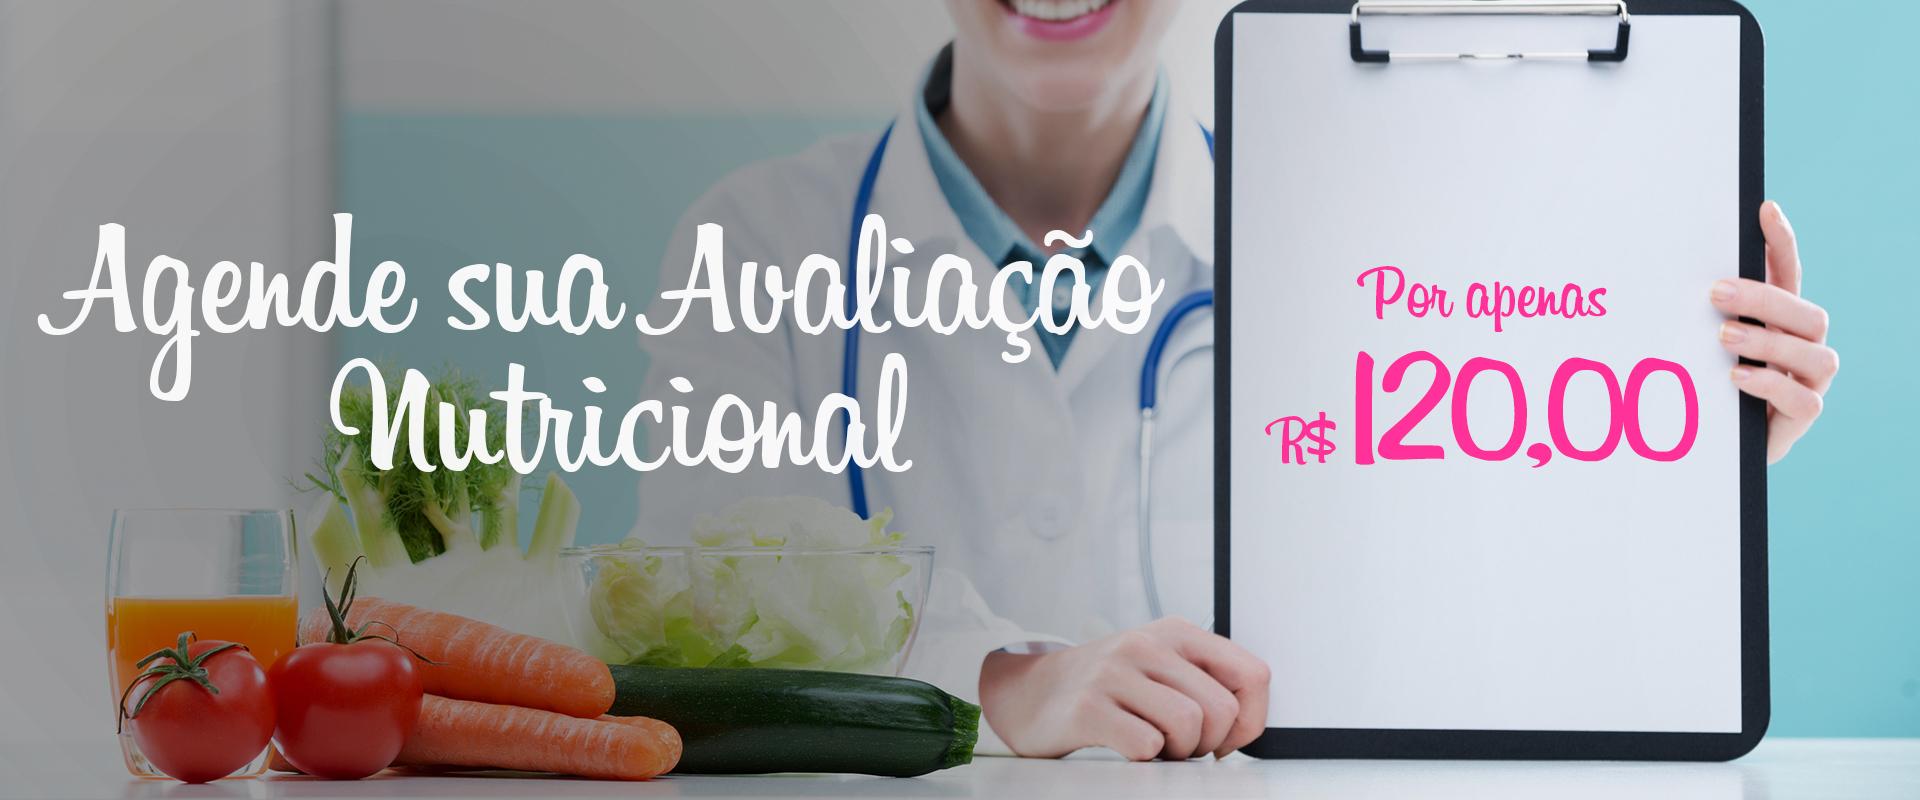 AGENDE SUA AVALIAÇÃO NUTRICIONAL